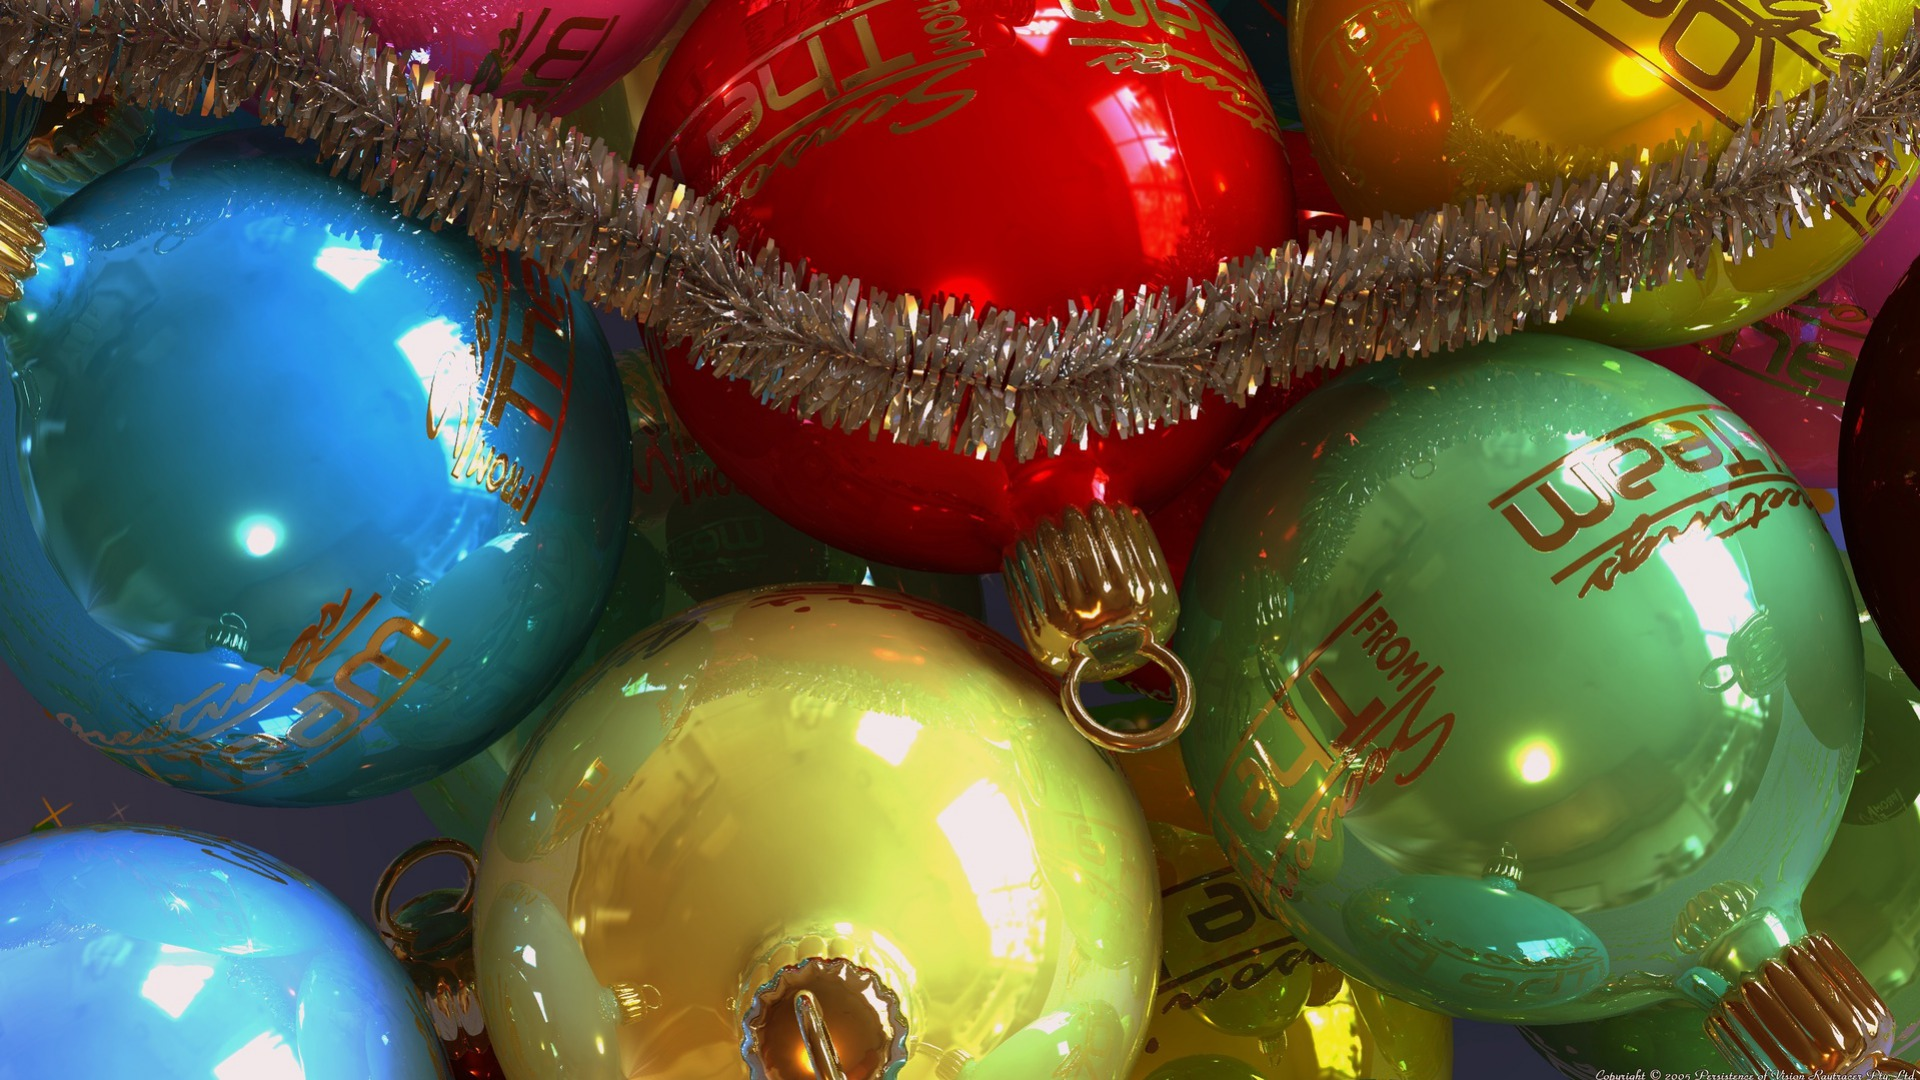 Bộ Sưu Tập Ảnh Giáng Sinh - Page 4 Christmasballs28